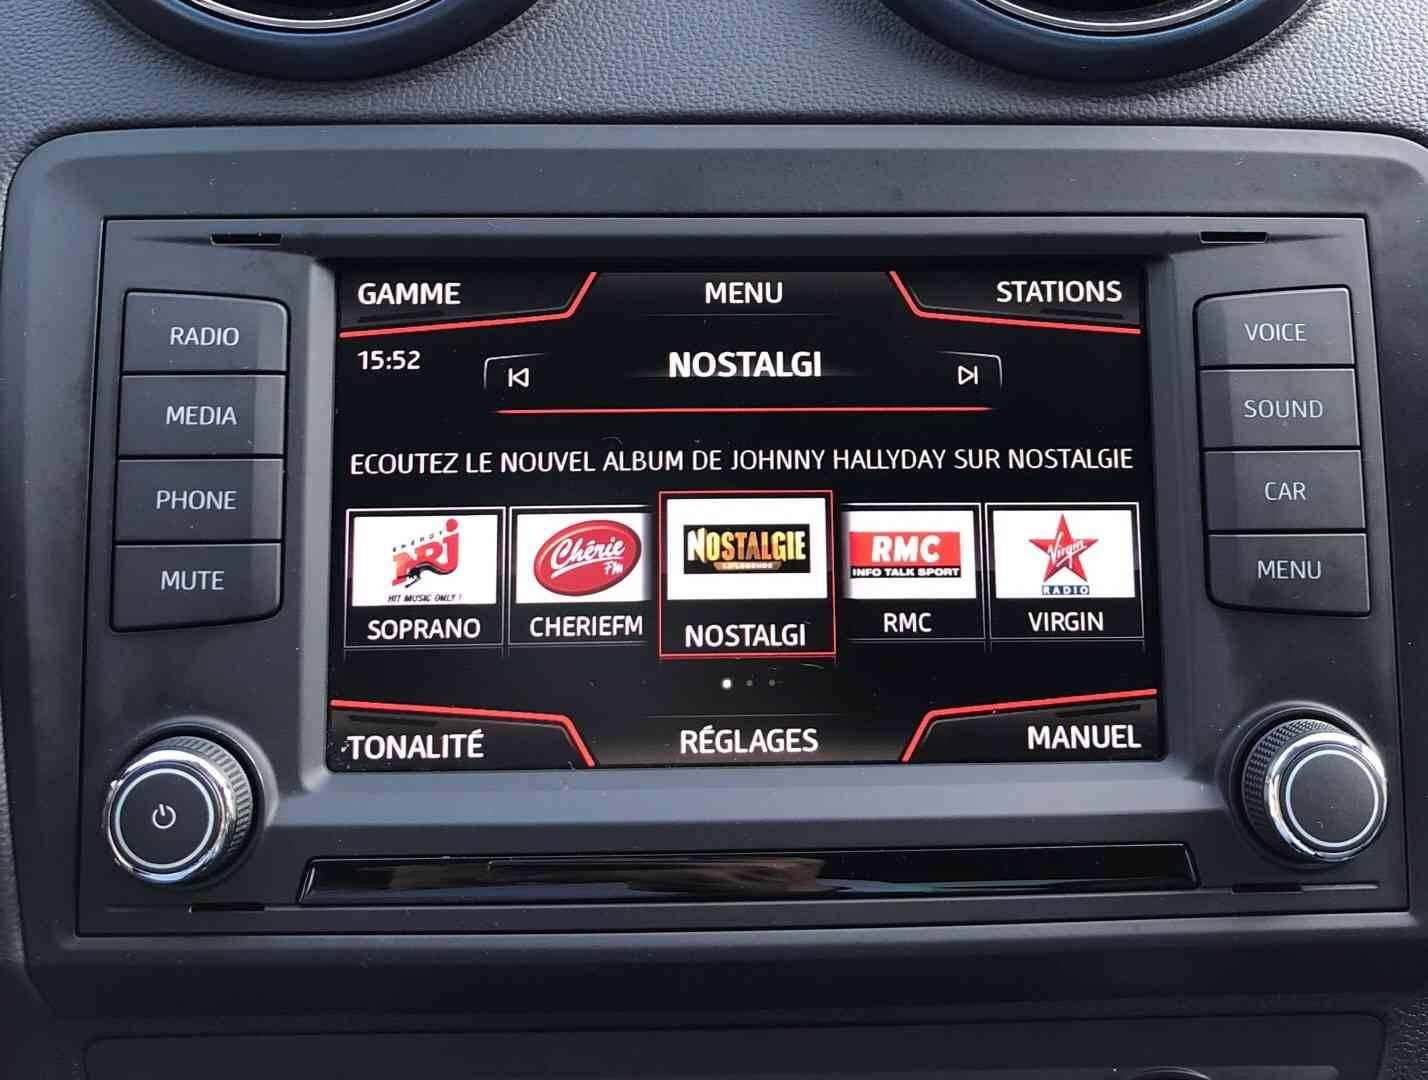 4 - Ibiza SC 1.4 TDI 90 ch